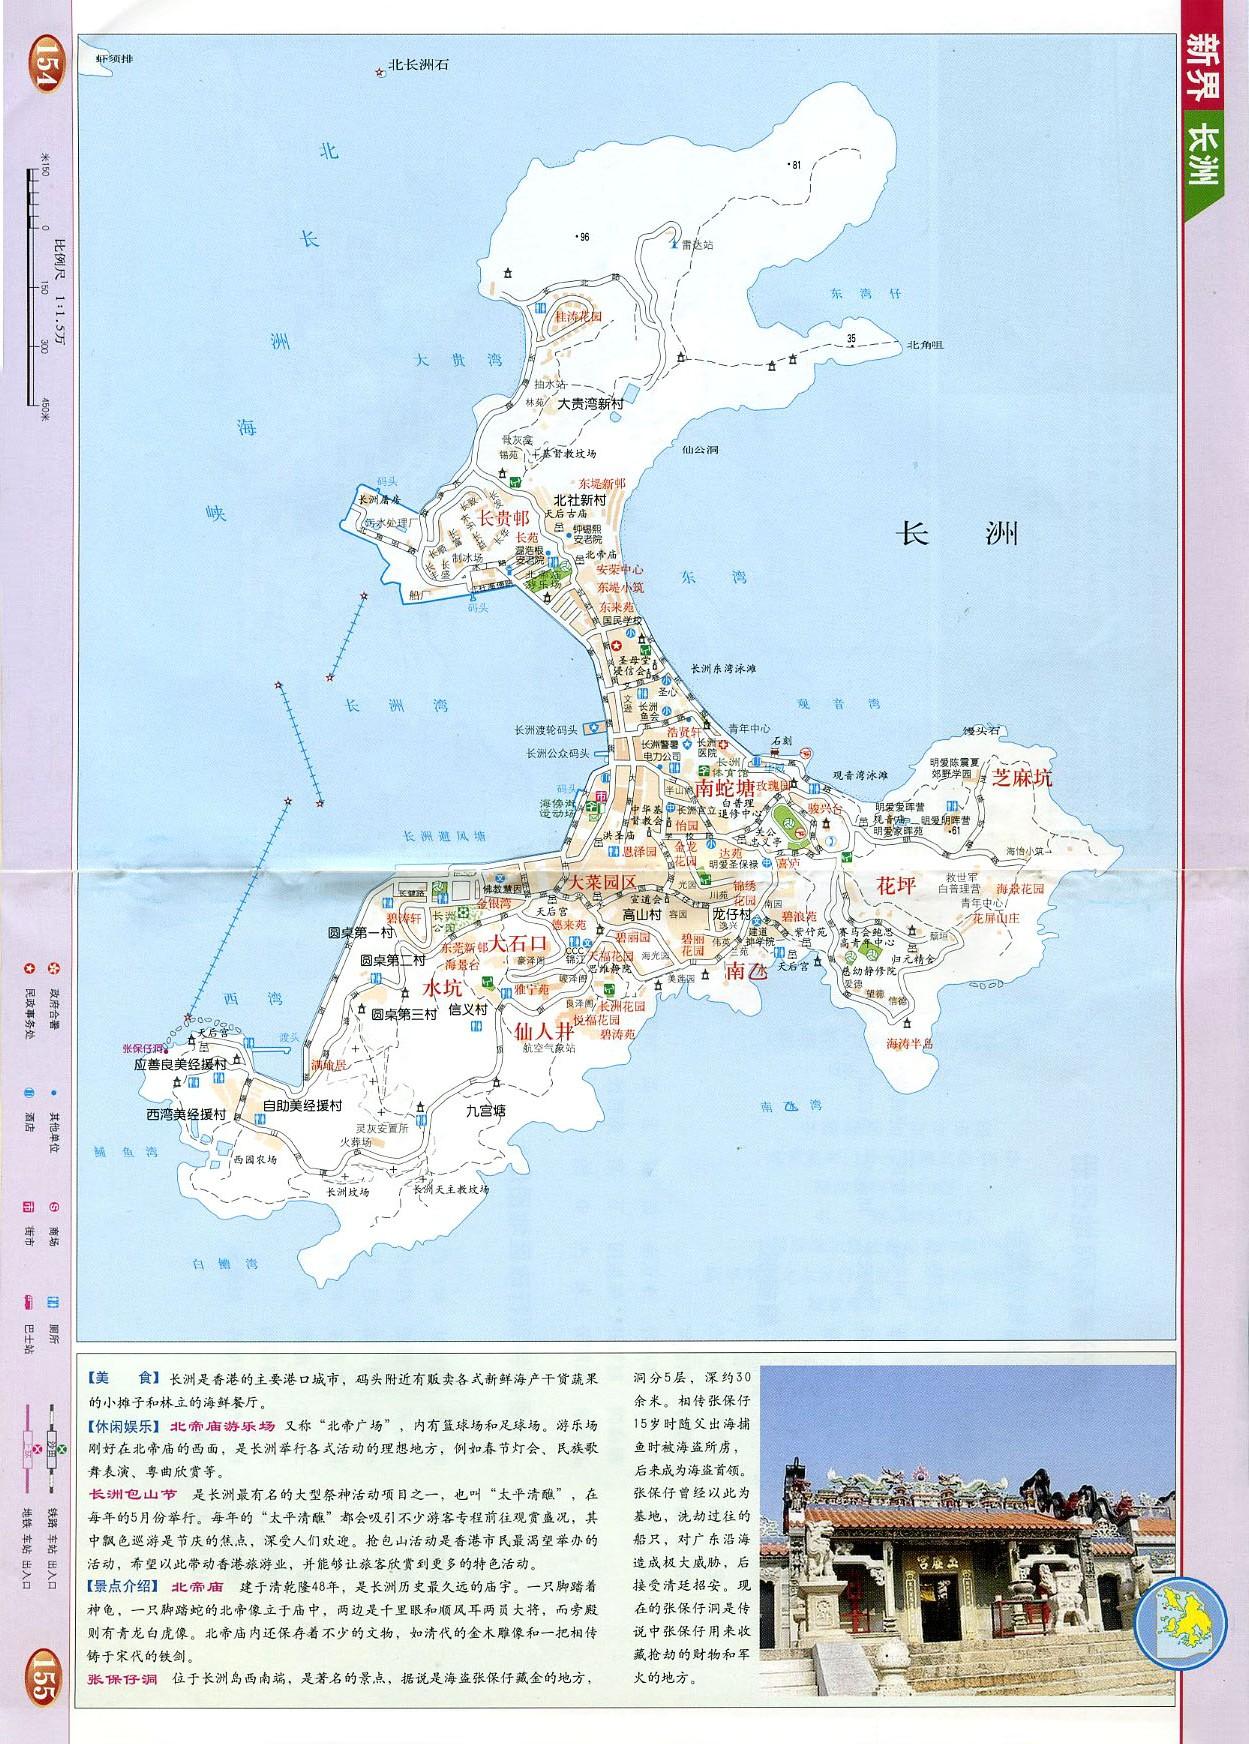 新界 长洲地图高清版_香港地图查询